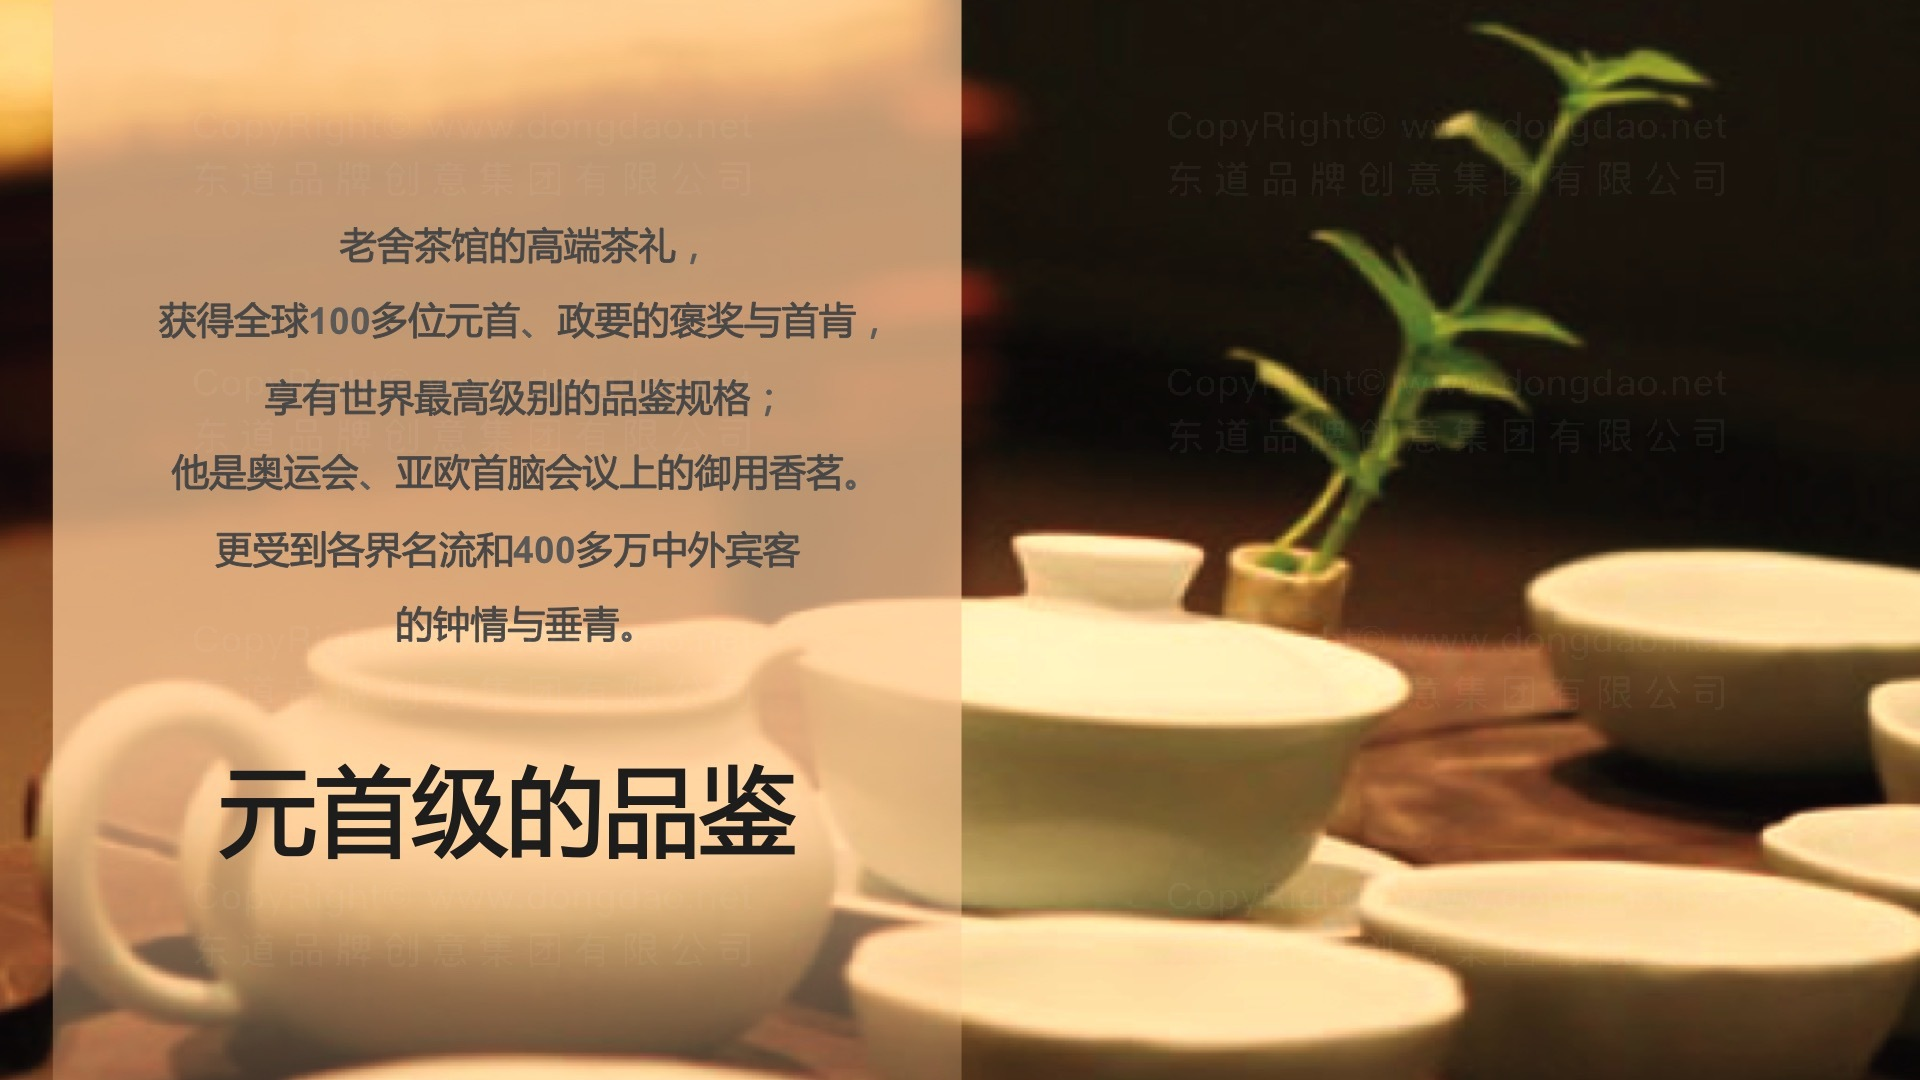 品牌战略&企业文化老舍茶馆高端茶礼品牌战略规划应用场景